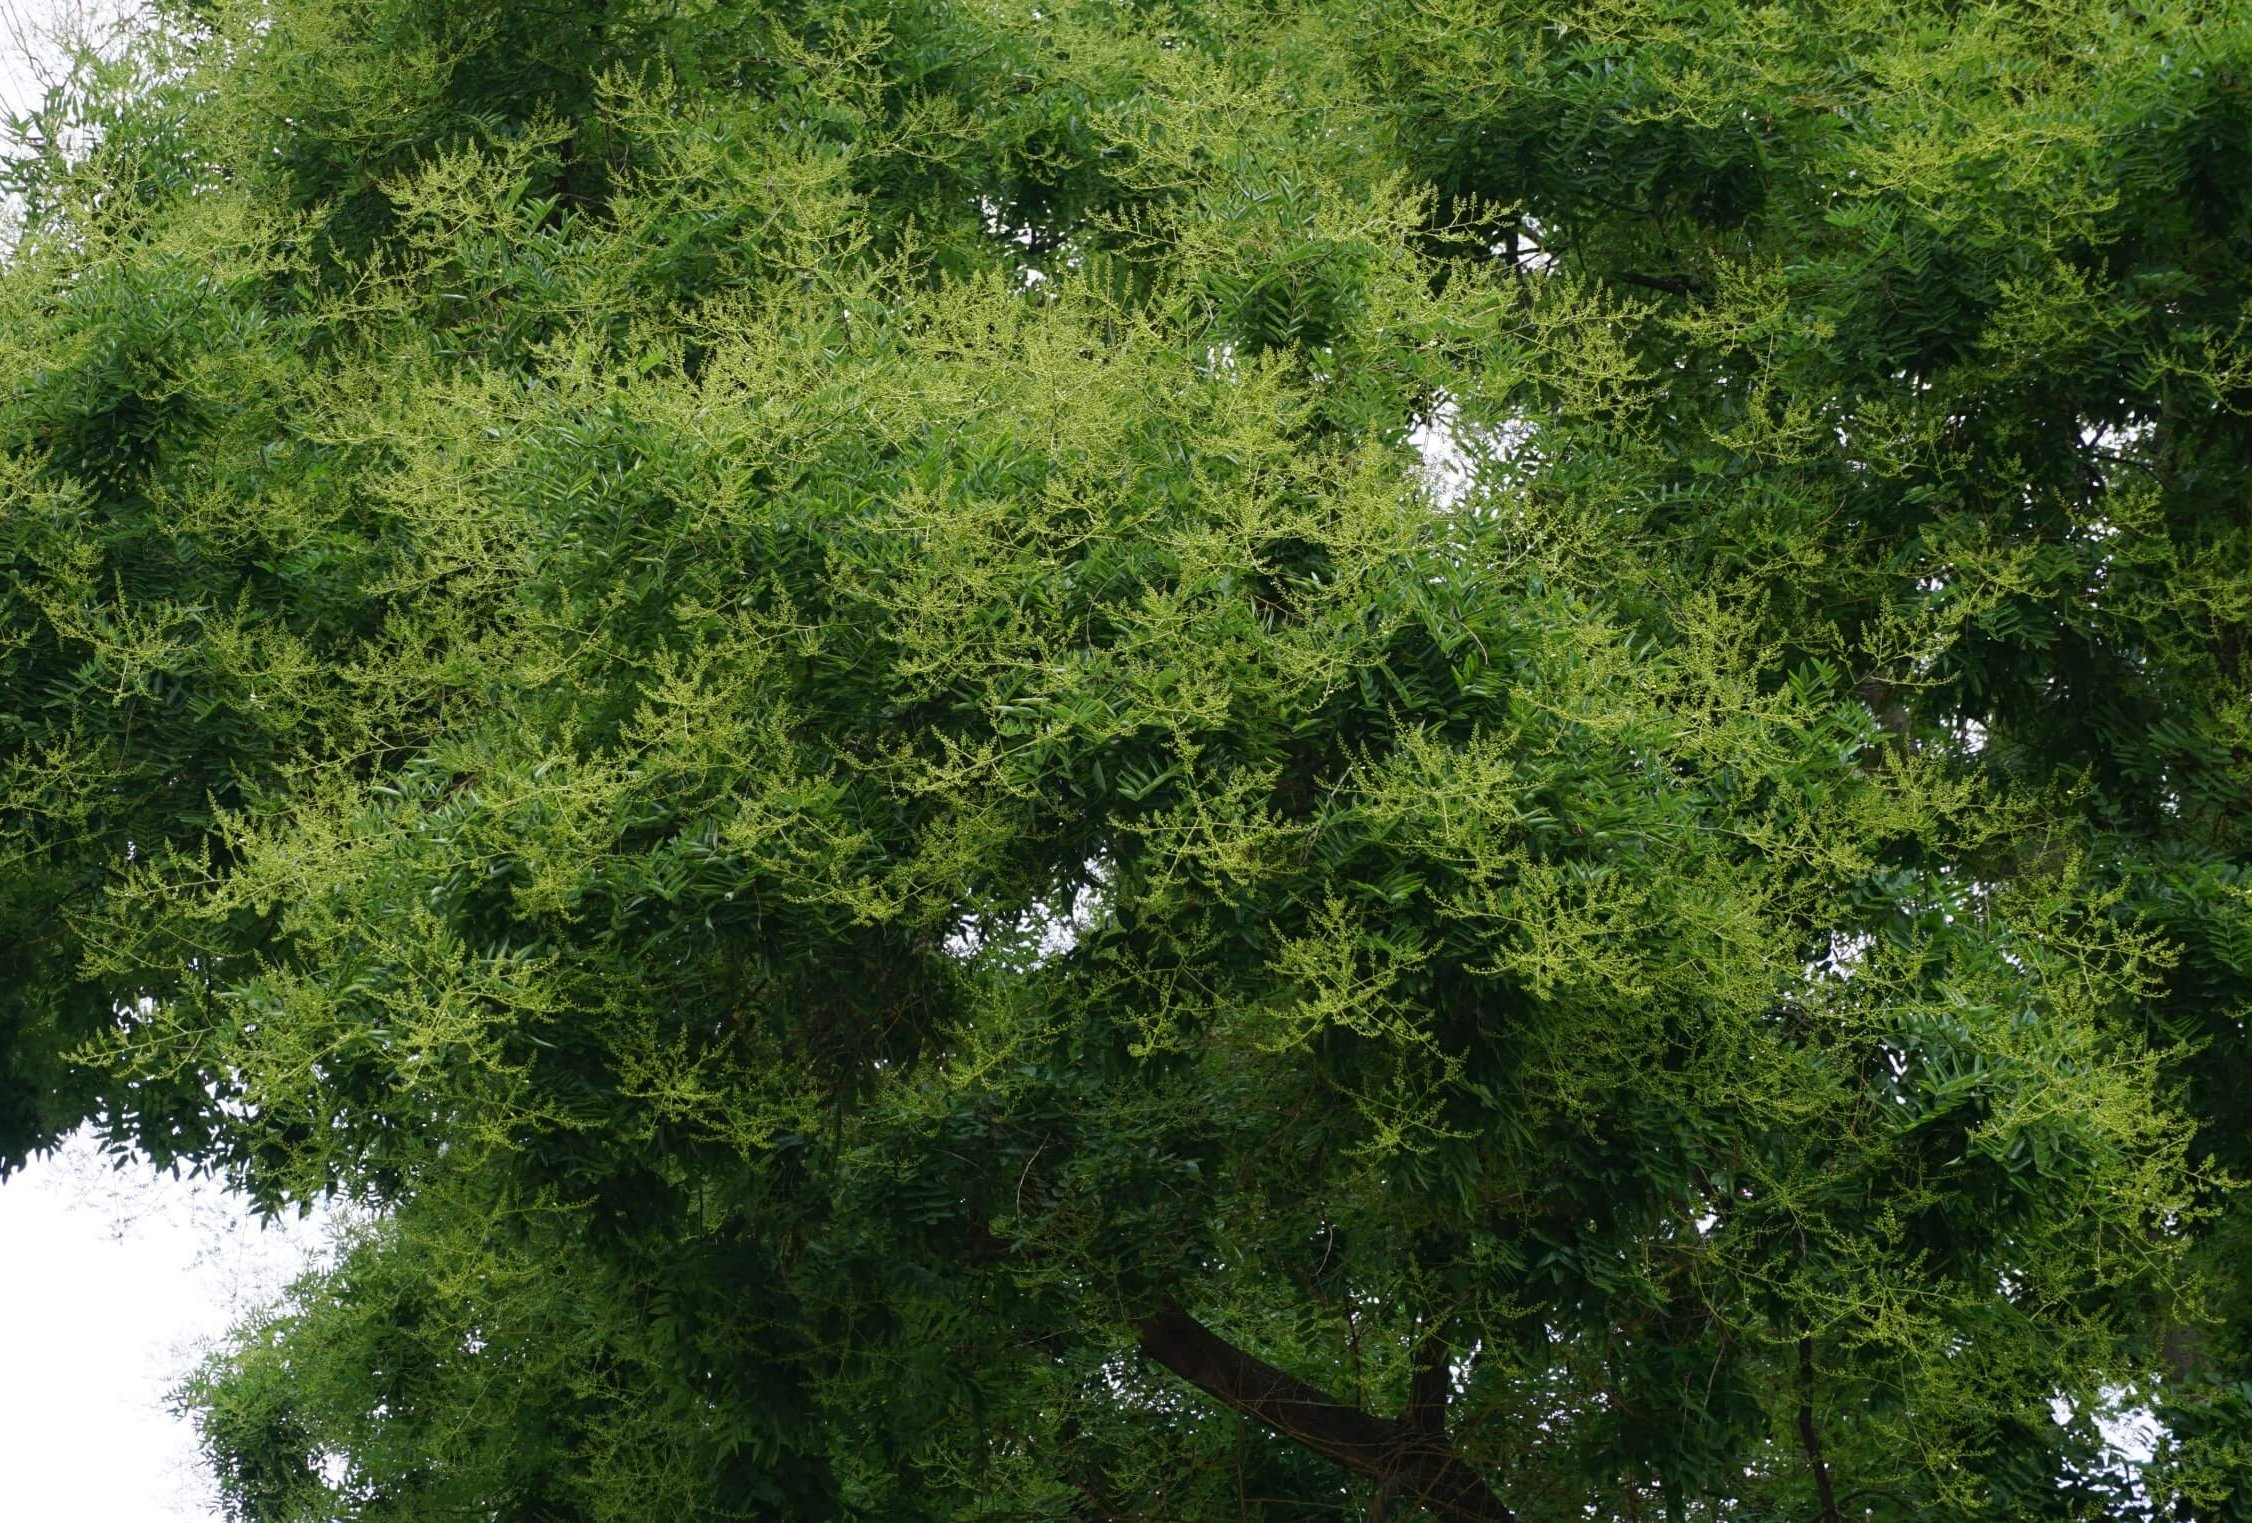 Das Bild zeigt einen Ausschnitt aus der Krone eines Schnurbaumes mit zahlreichen Blütenrispen und noch geschlossenen Blüten. Der Baum steht unweit des Rathauses Köpenick.